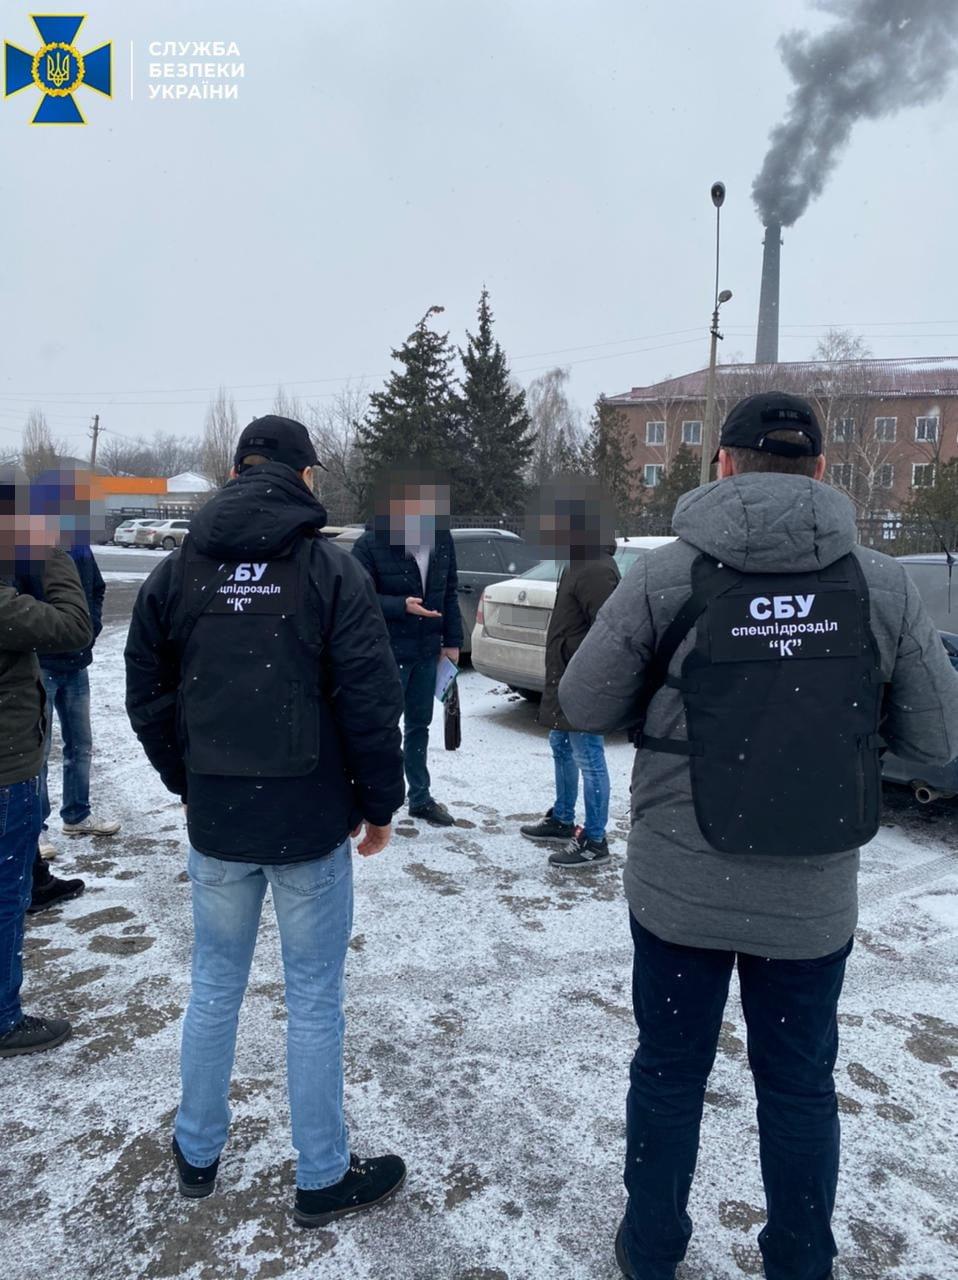 На Днепропетровщине чиновница городского суда попалась на взятке за необходимое клиенту решение суда, - ФОТО, фото-3